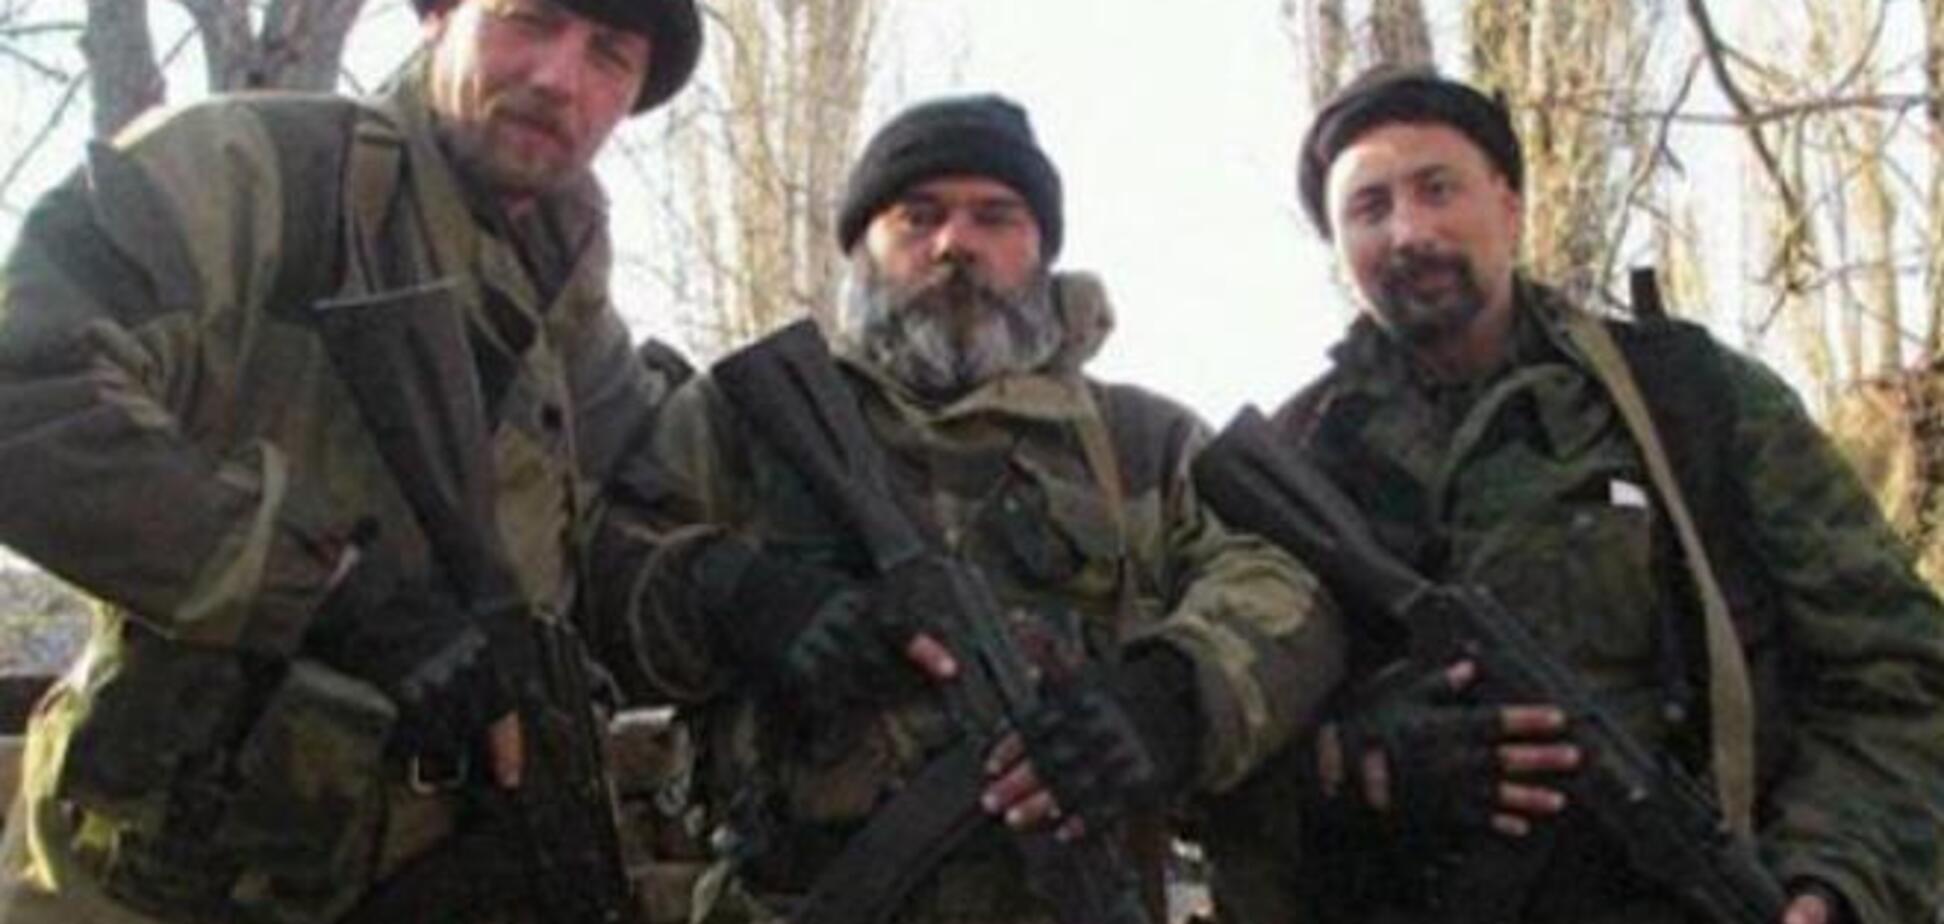 МВД террористам: чаще снимайте себя на телефоны и видеокамеры